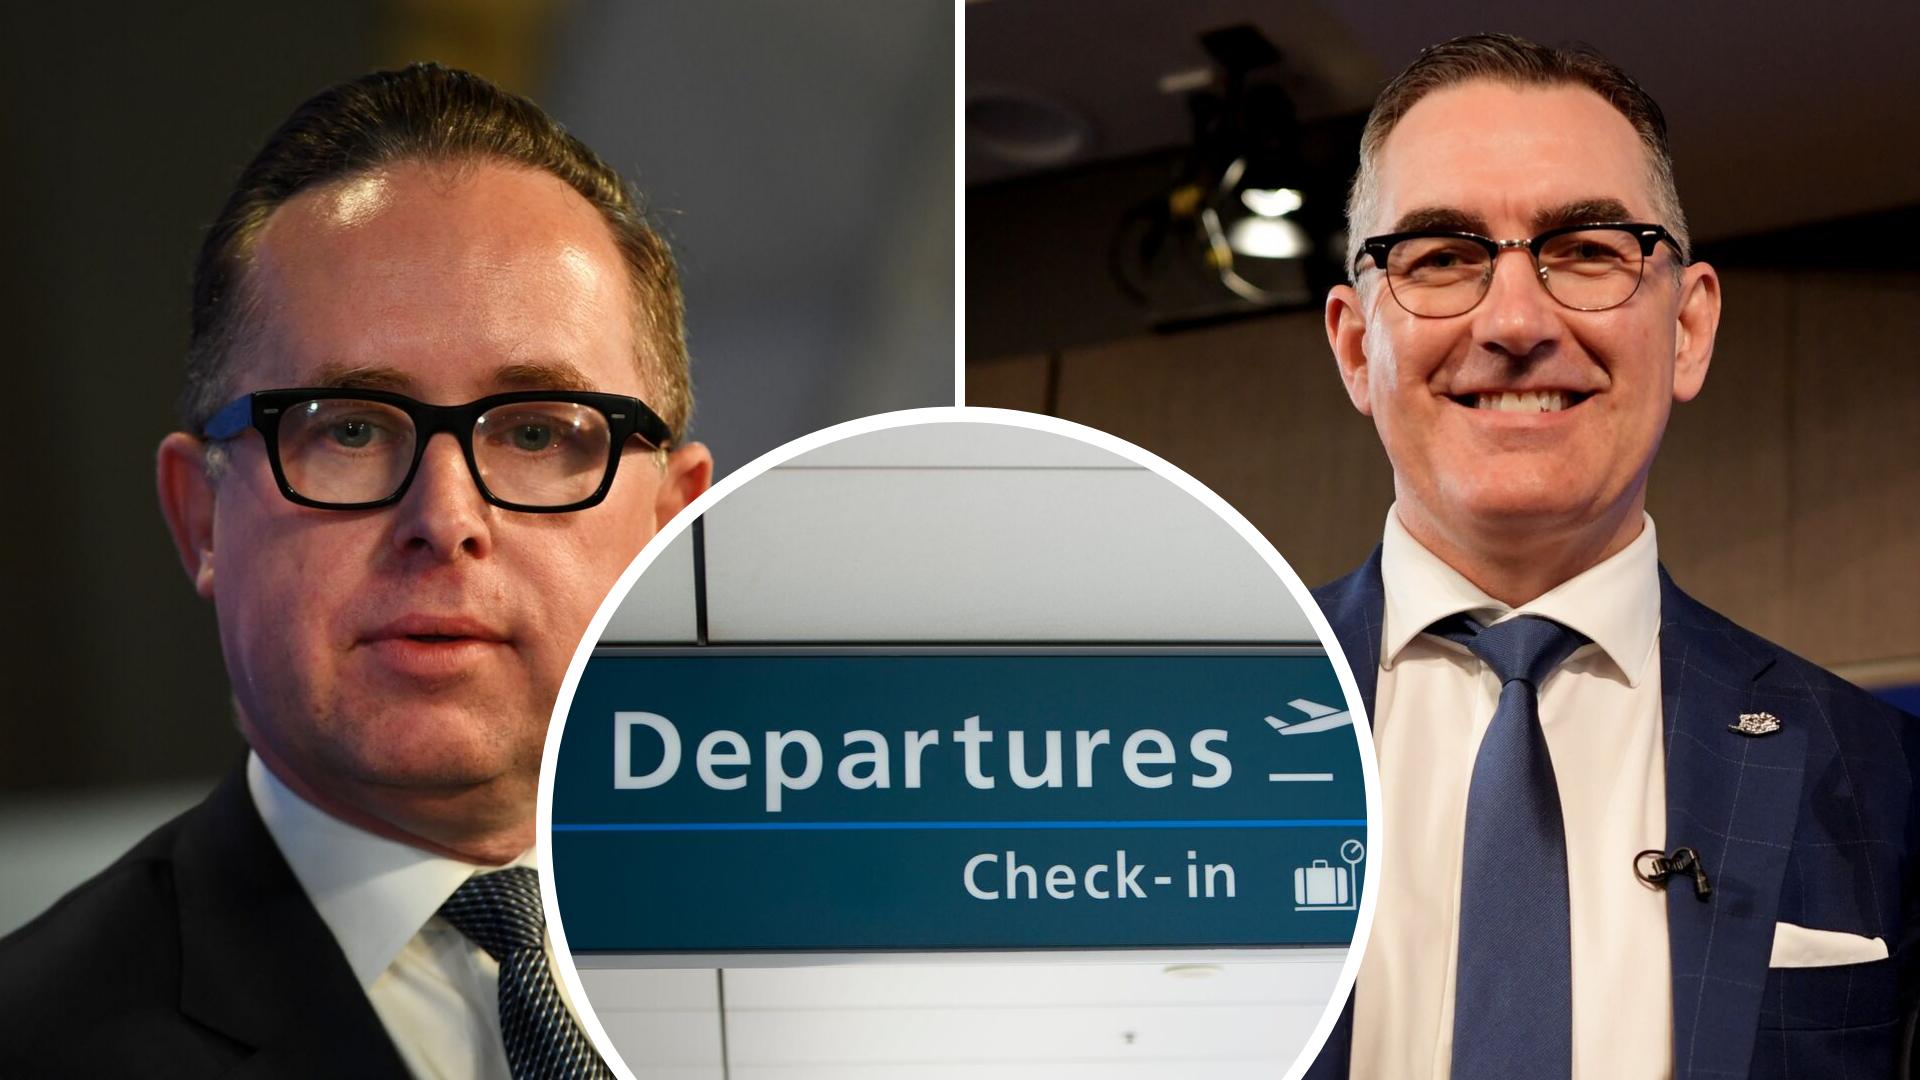 Passengers gouged by airport fees, claim Virgin, Qantas